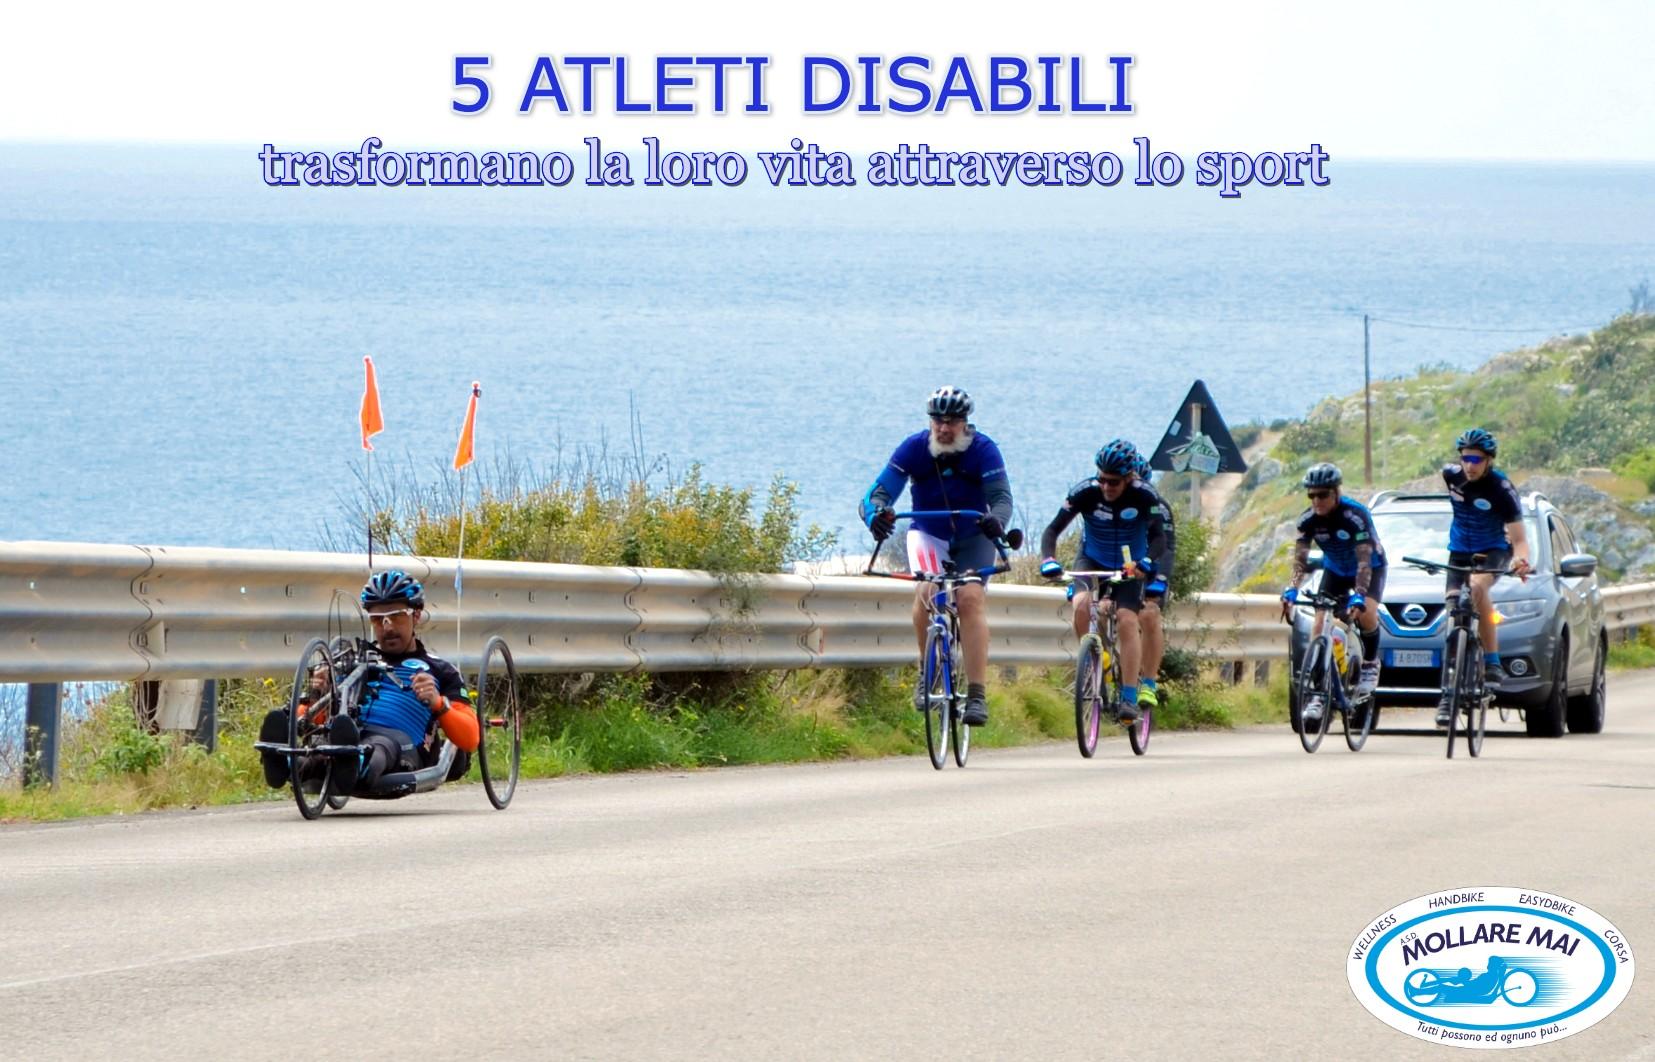 5 atleti disabili trasformano la loro vita attraverso lo sport